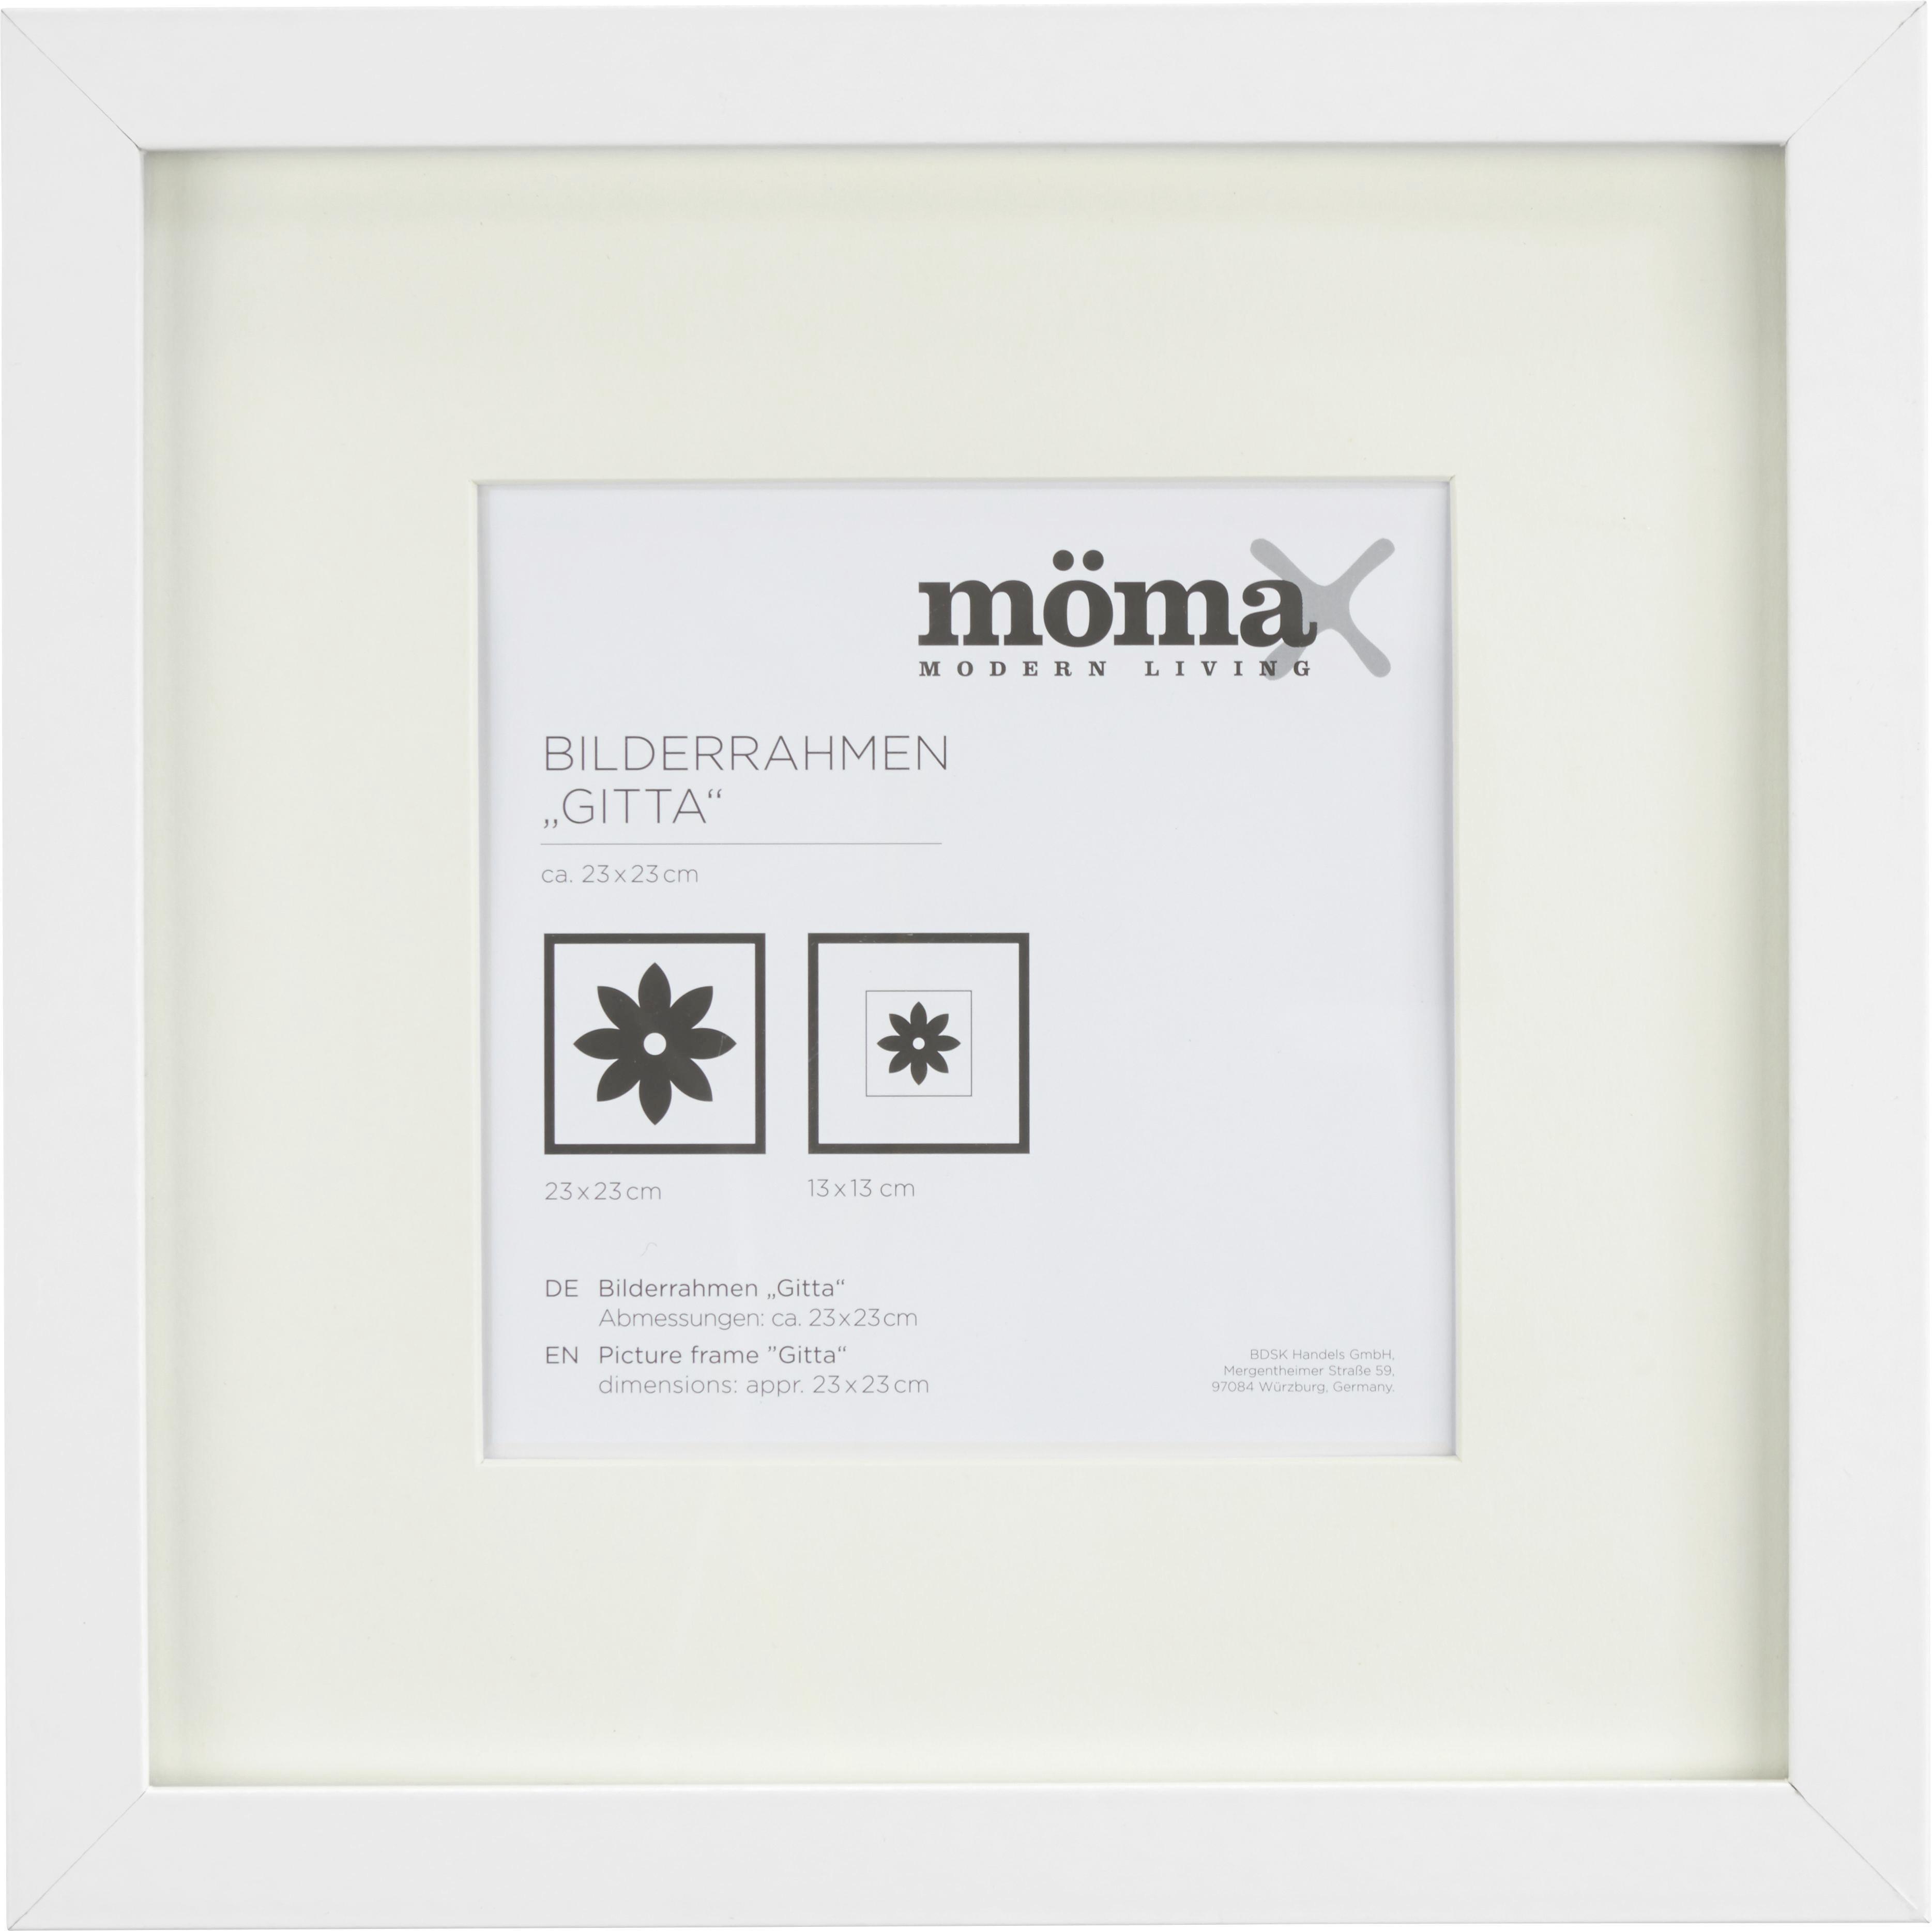 Bilderrahmen Gitta, ca. 23x23cm in Weiß online kaufen ➤ mömax